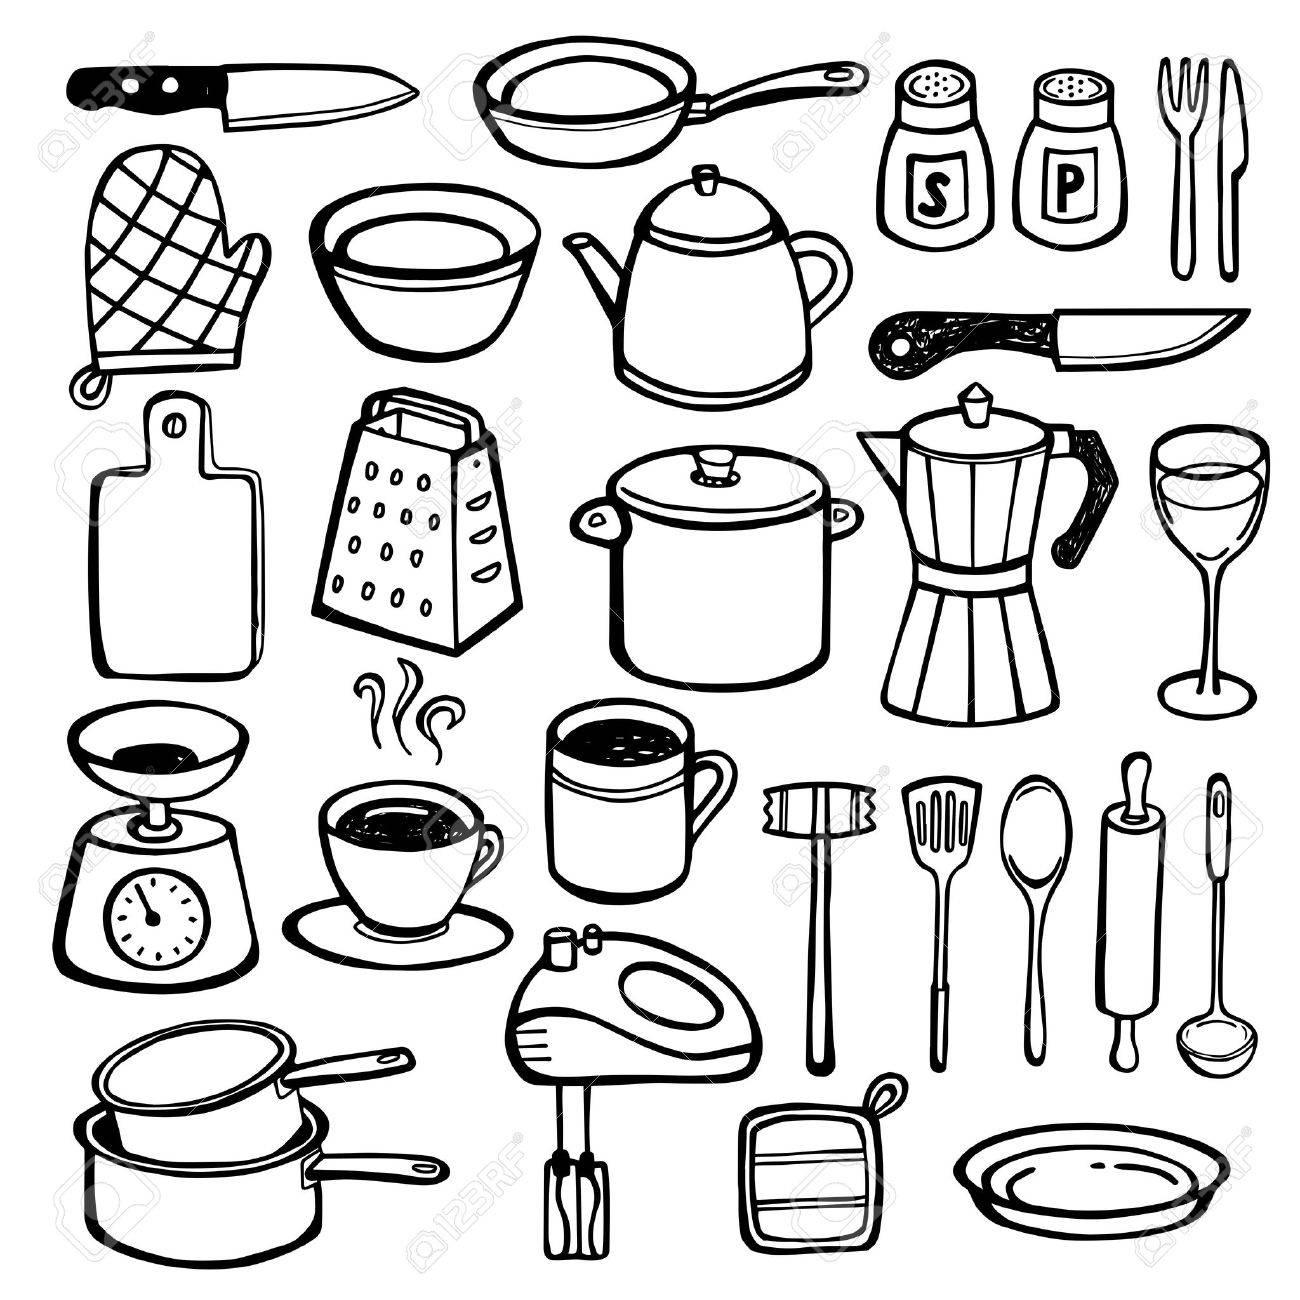 Best Stampe Da Cucina Images - Orna.info - orna.info